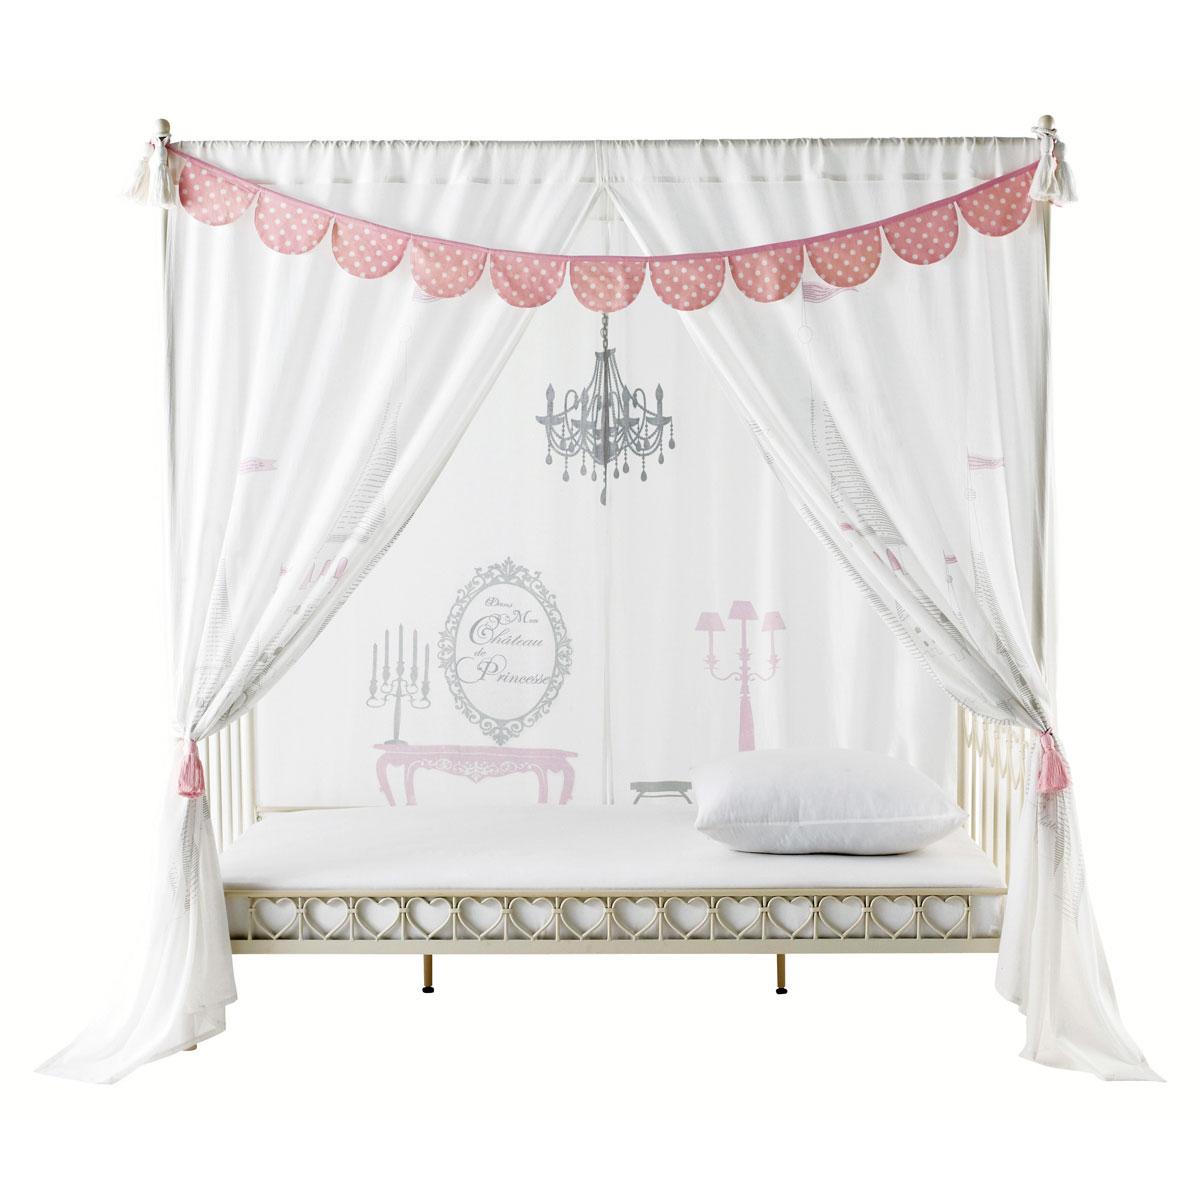 Chambre de princesse comme cendrillon avant minuit - Lit baldaquin enfant fille ...